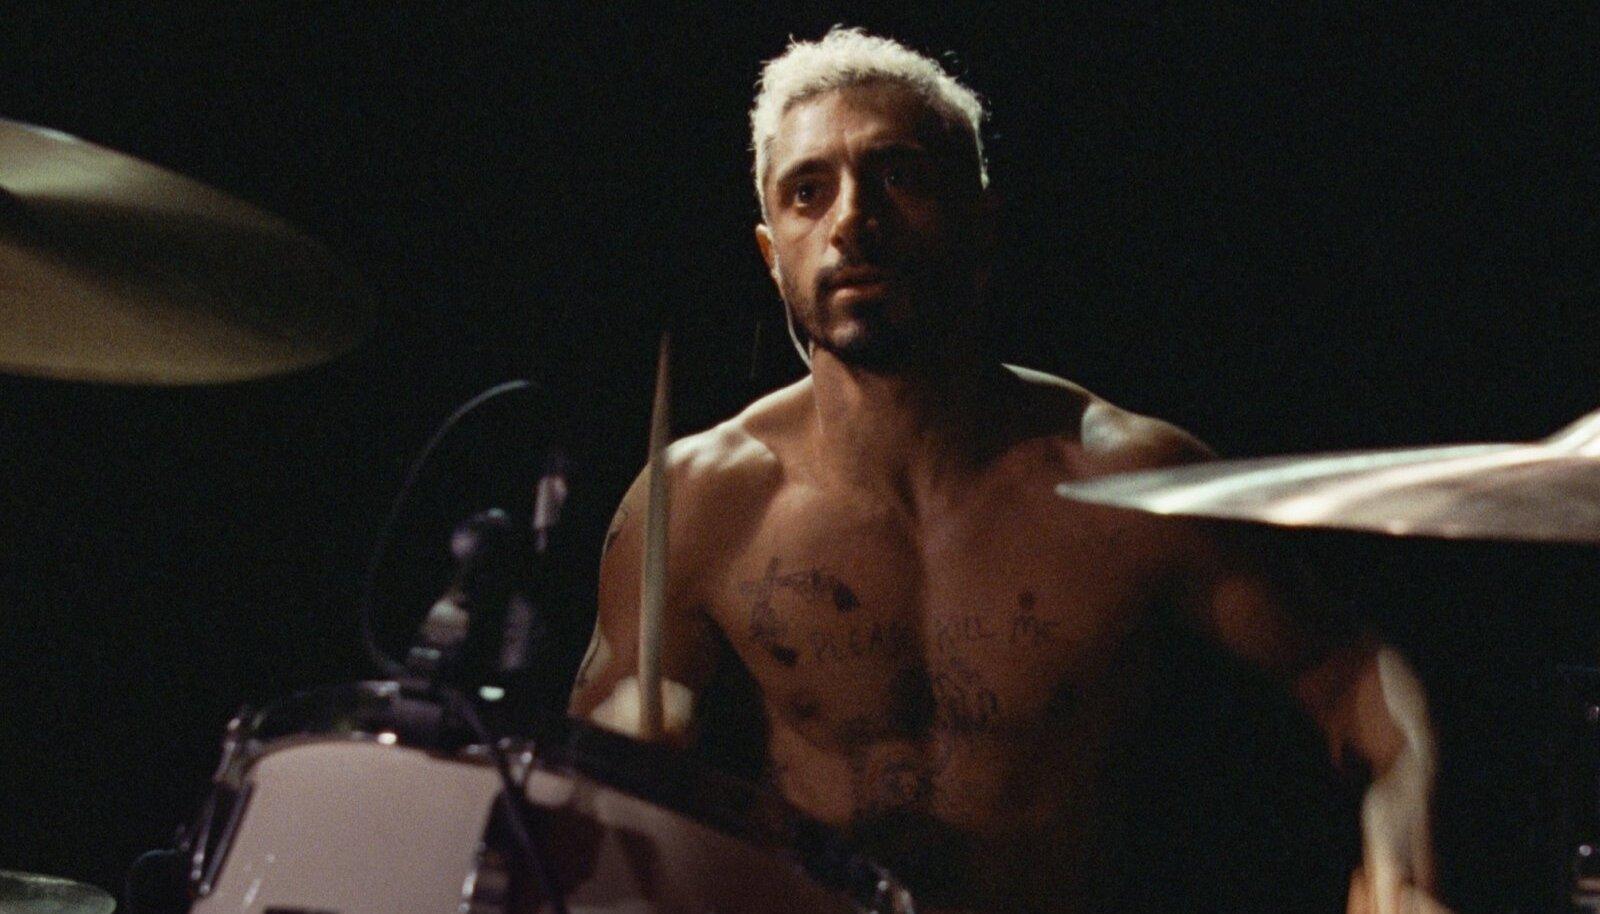 RÄNK TÖÖ: Riz Ahmed õppis Rubeni rolli jaoks selgeks nii trummimängu kui viipekeele. Tema pühendumus tõi talle nii Oscari, BAFTA kui Kuldgloobuse nominatsioonid.